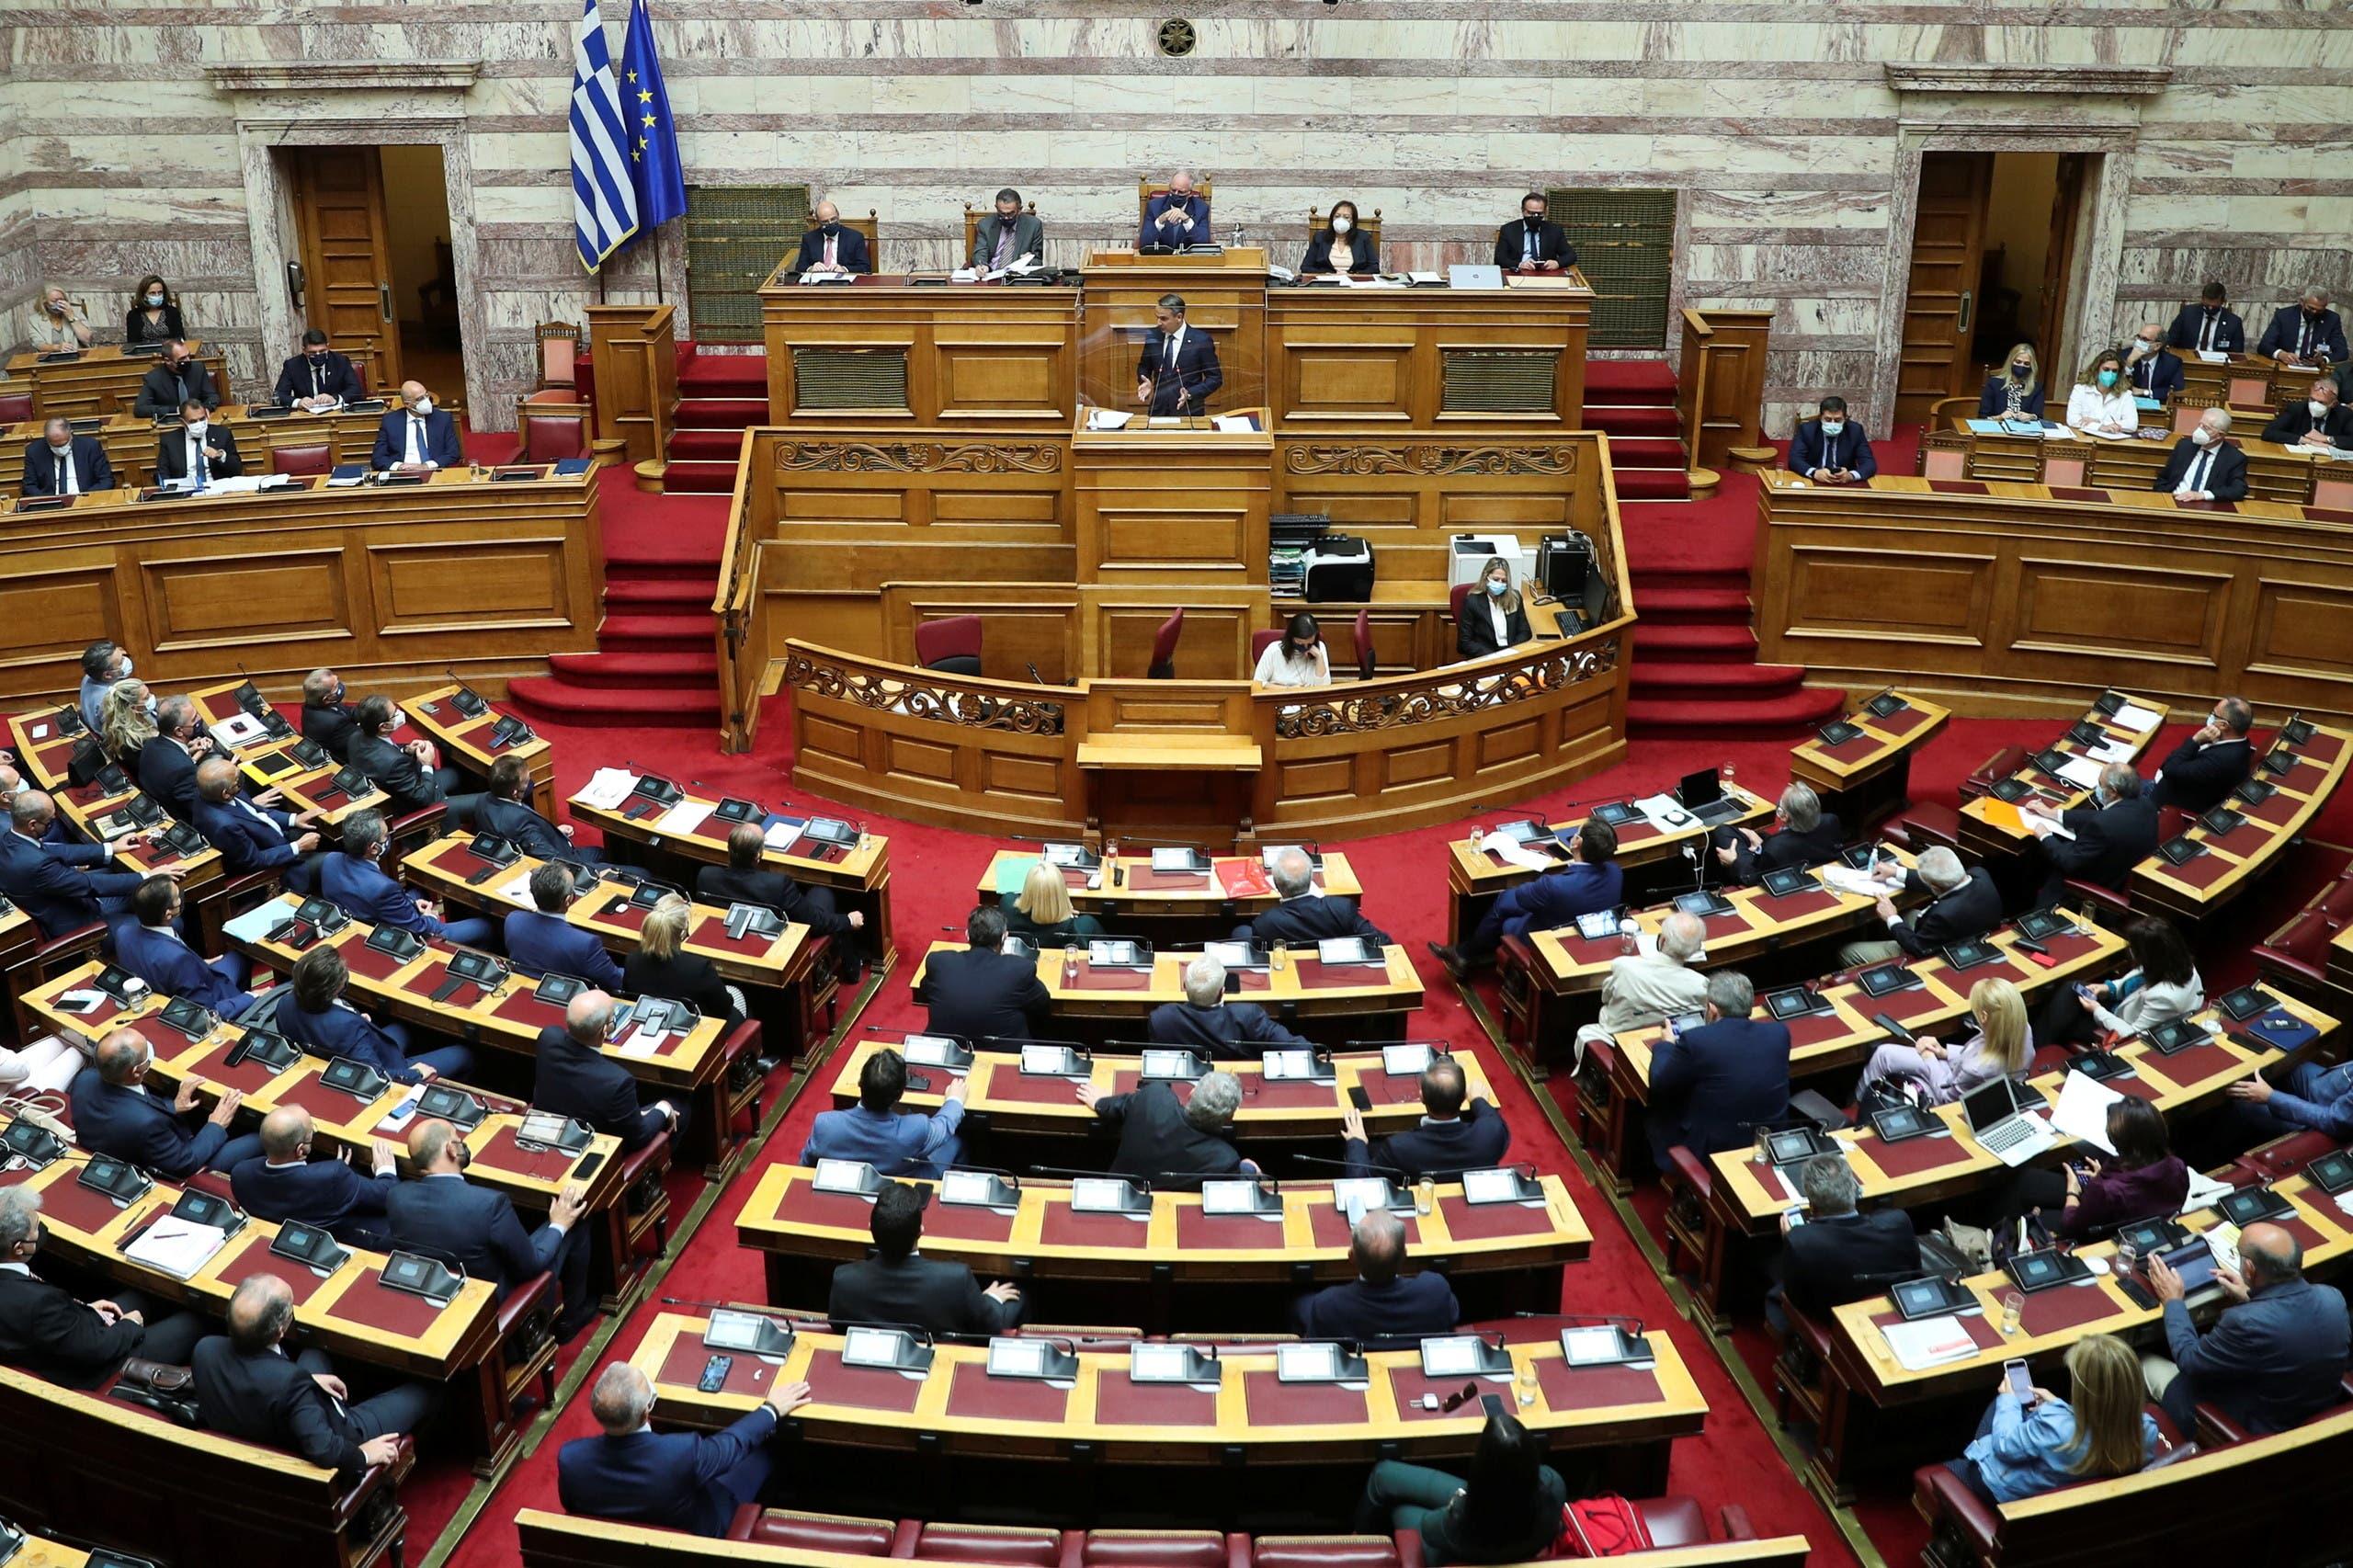 كيرياكوس ميتسوتاكيس يلقي كلمة اليوم أمام النواب قبل مصادقتهم على الاتفاقية